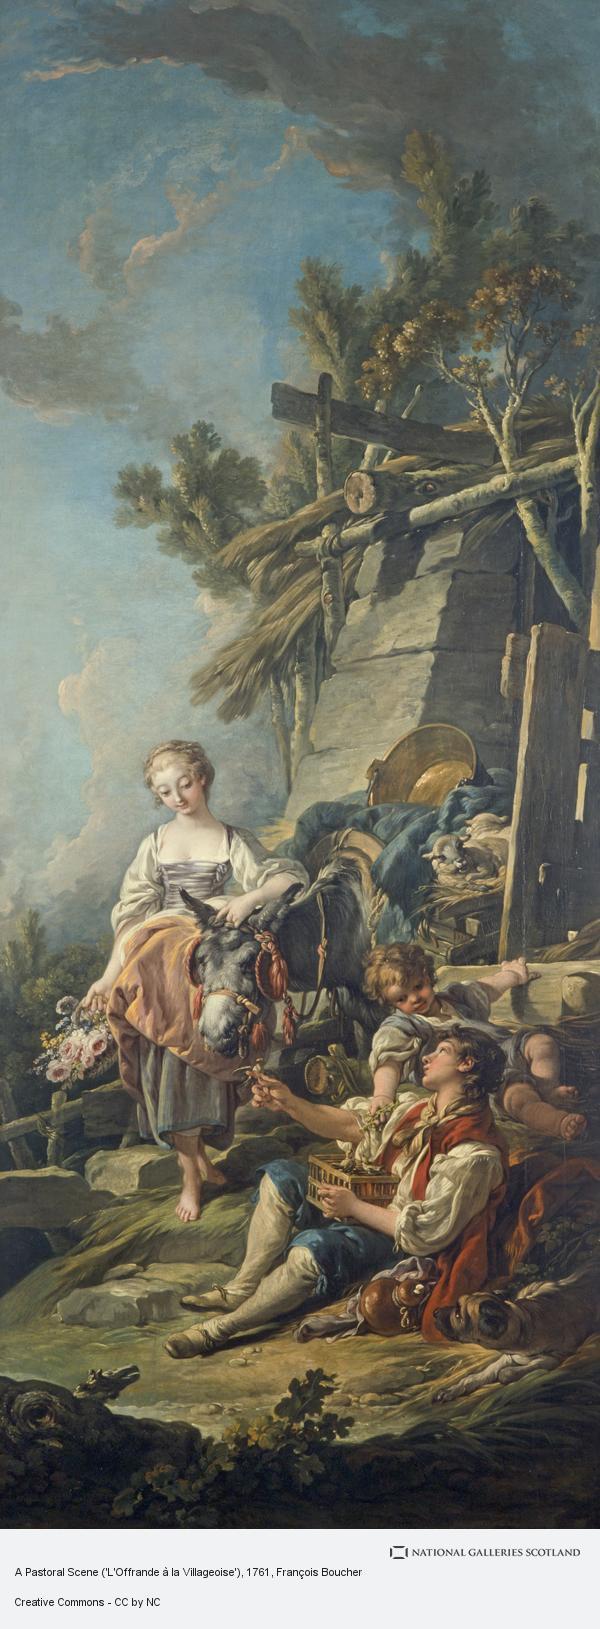 Francois Boucher, A Pastoral Scene ('L'Offrande à la Villageoise') (Dated 1761)